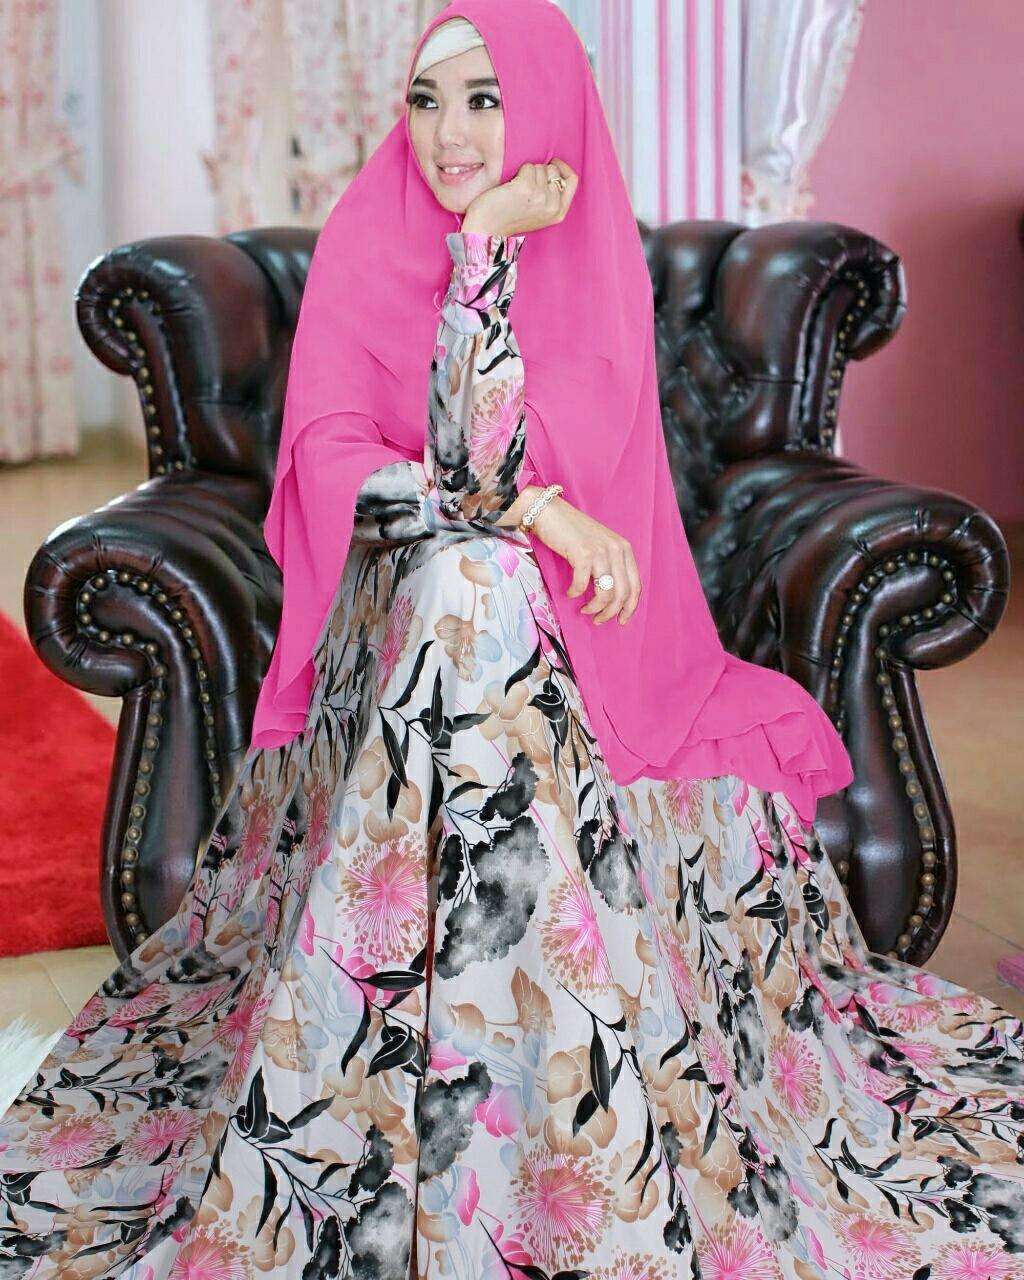 Grosir Hasanah Gamis Syari Maryam/ Syari Set 2in1 Gamis Khimar / Syari Hijub Trendy